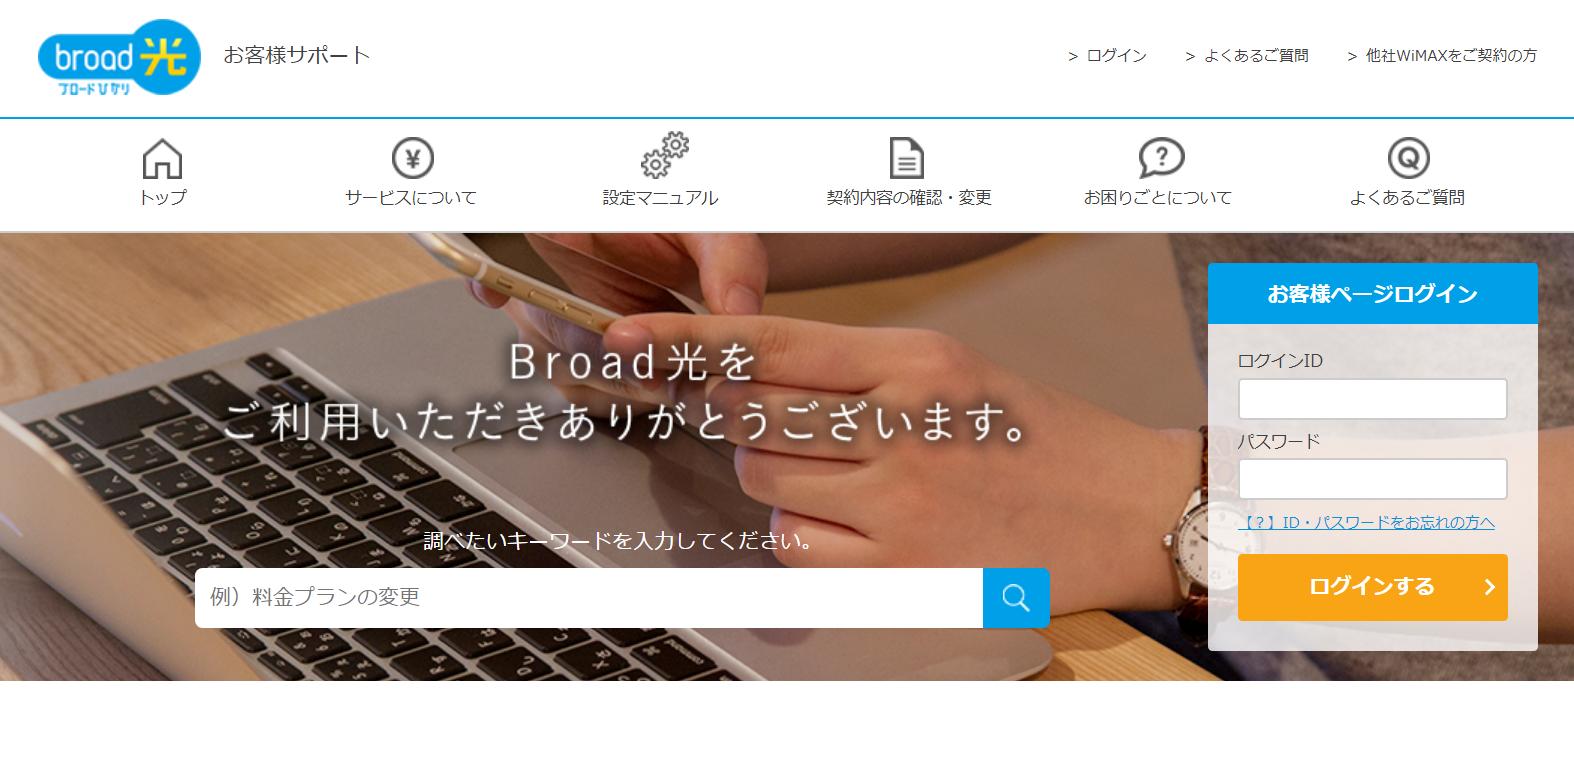 broad光の公式ホームページのトップページ